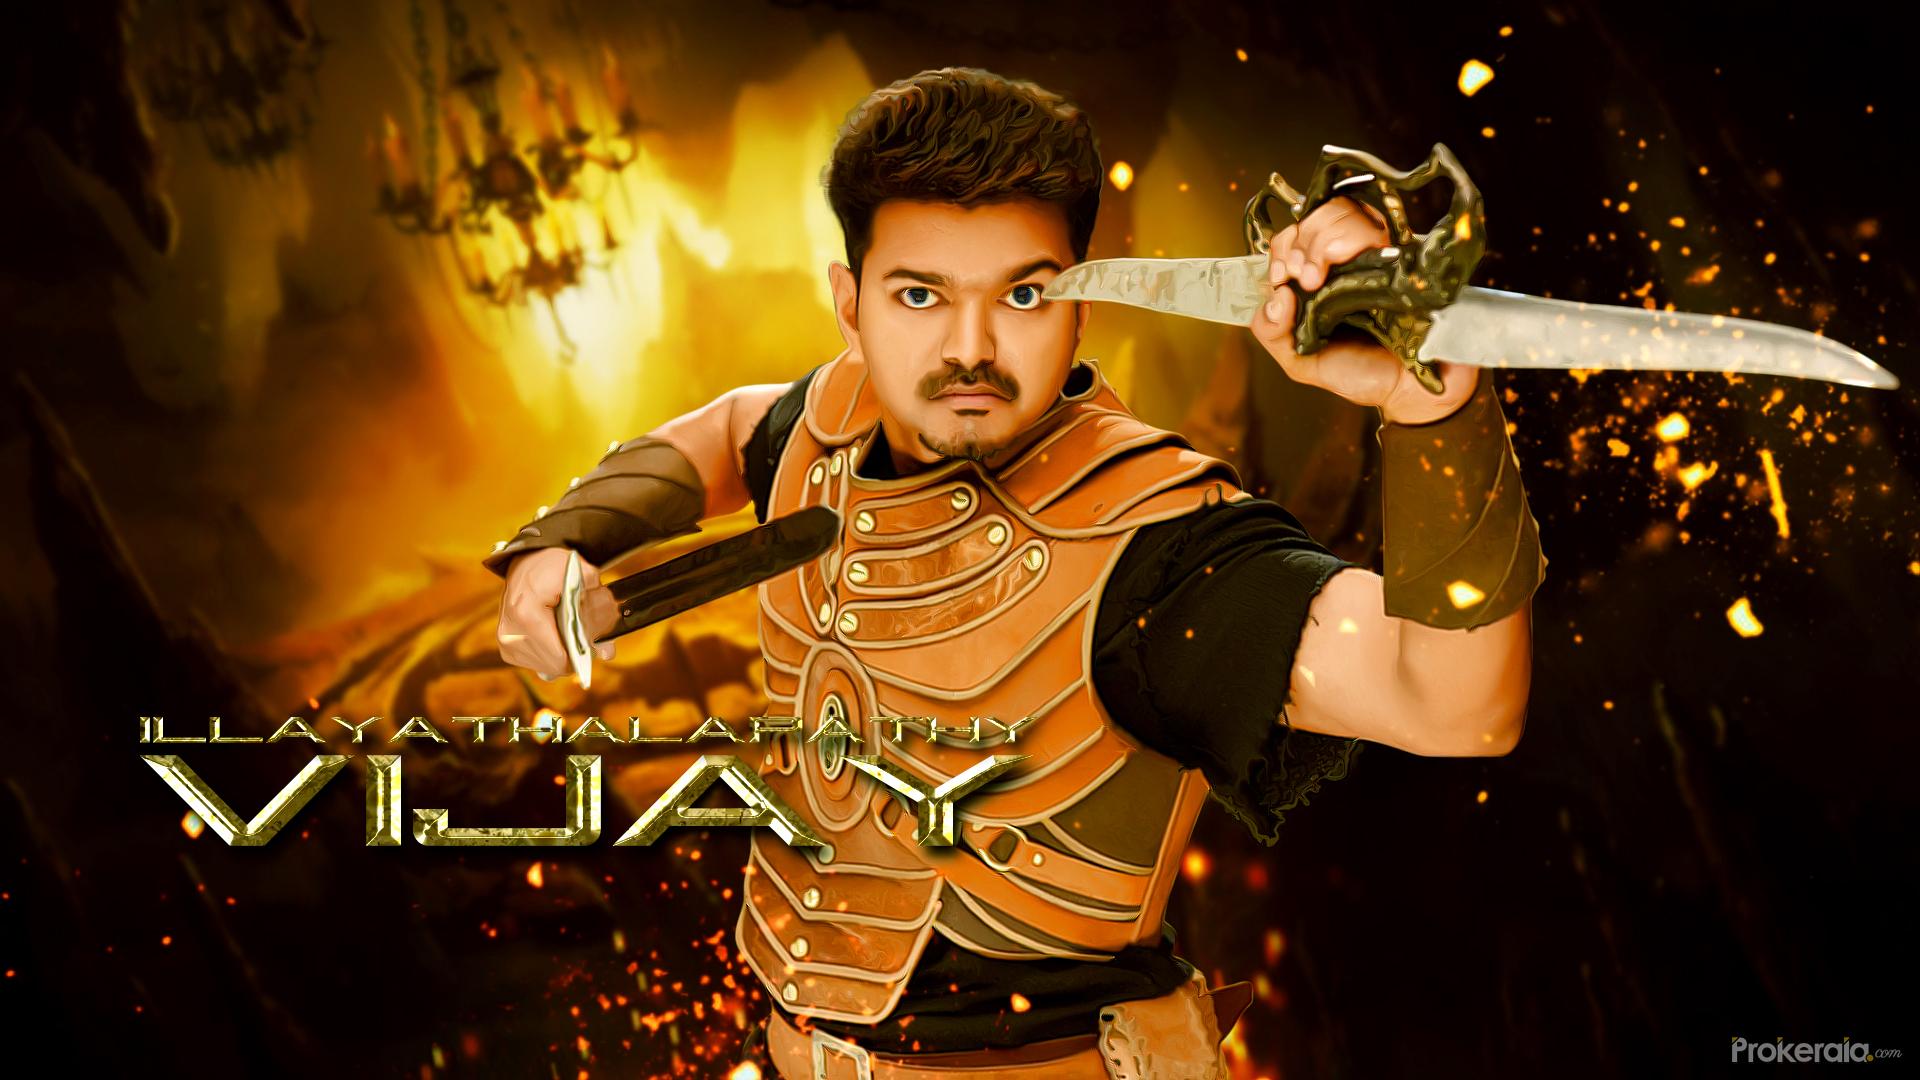 Hd wallpaper vijay - Vijay New Movie Puli Hd Wallpapers Download Wallpaper